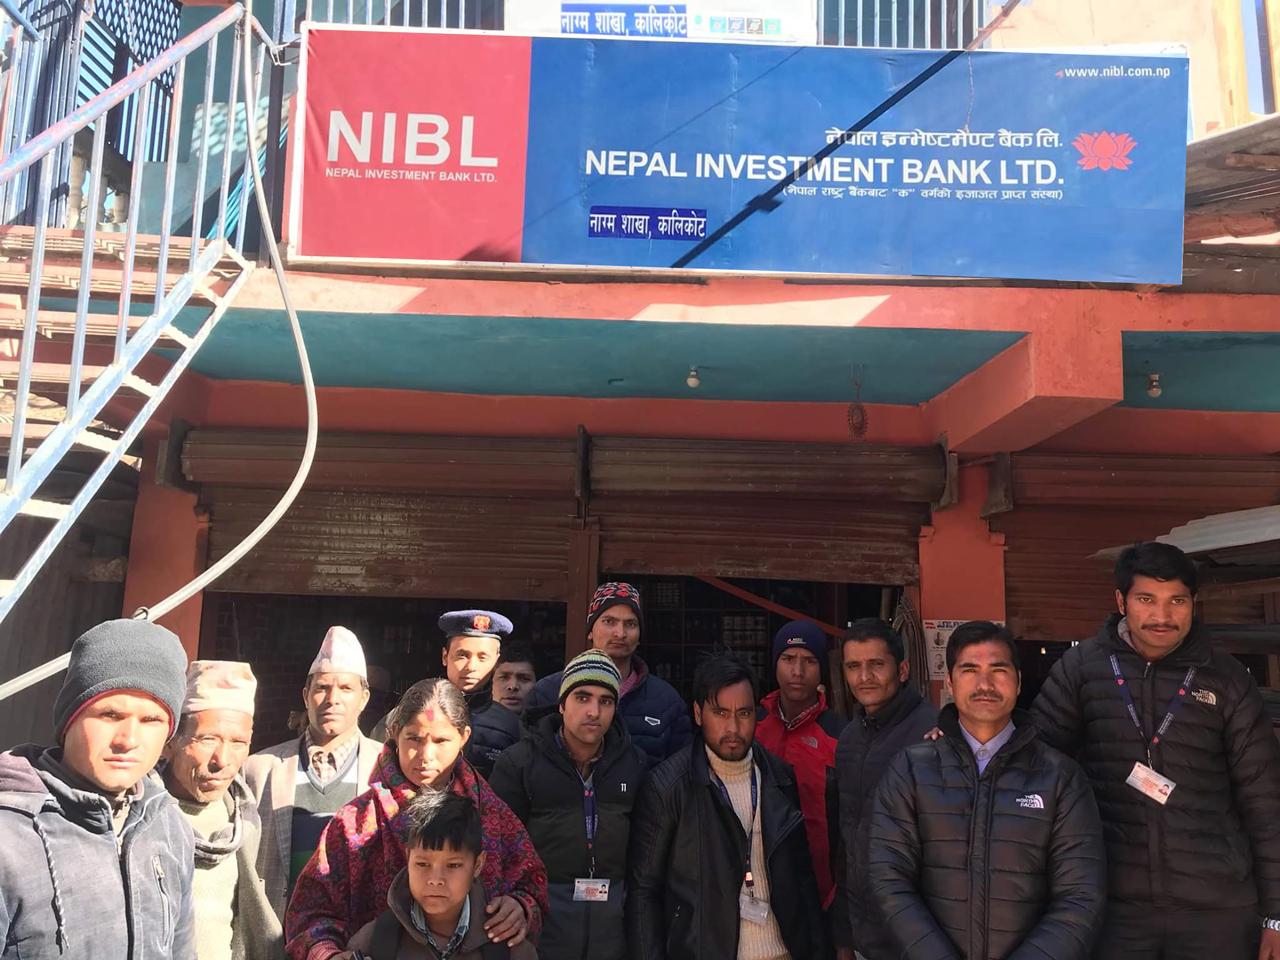 नेपाल इन्भेष्टमेण्ट बैंकको शाखा कालिकोट र दैलेखमा